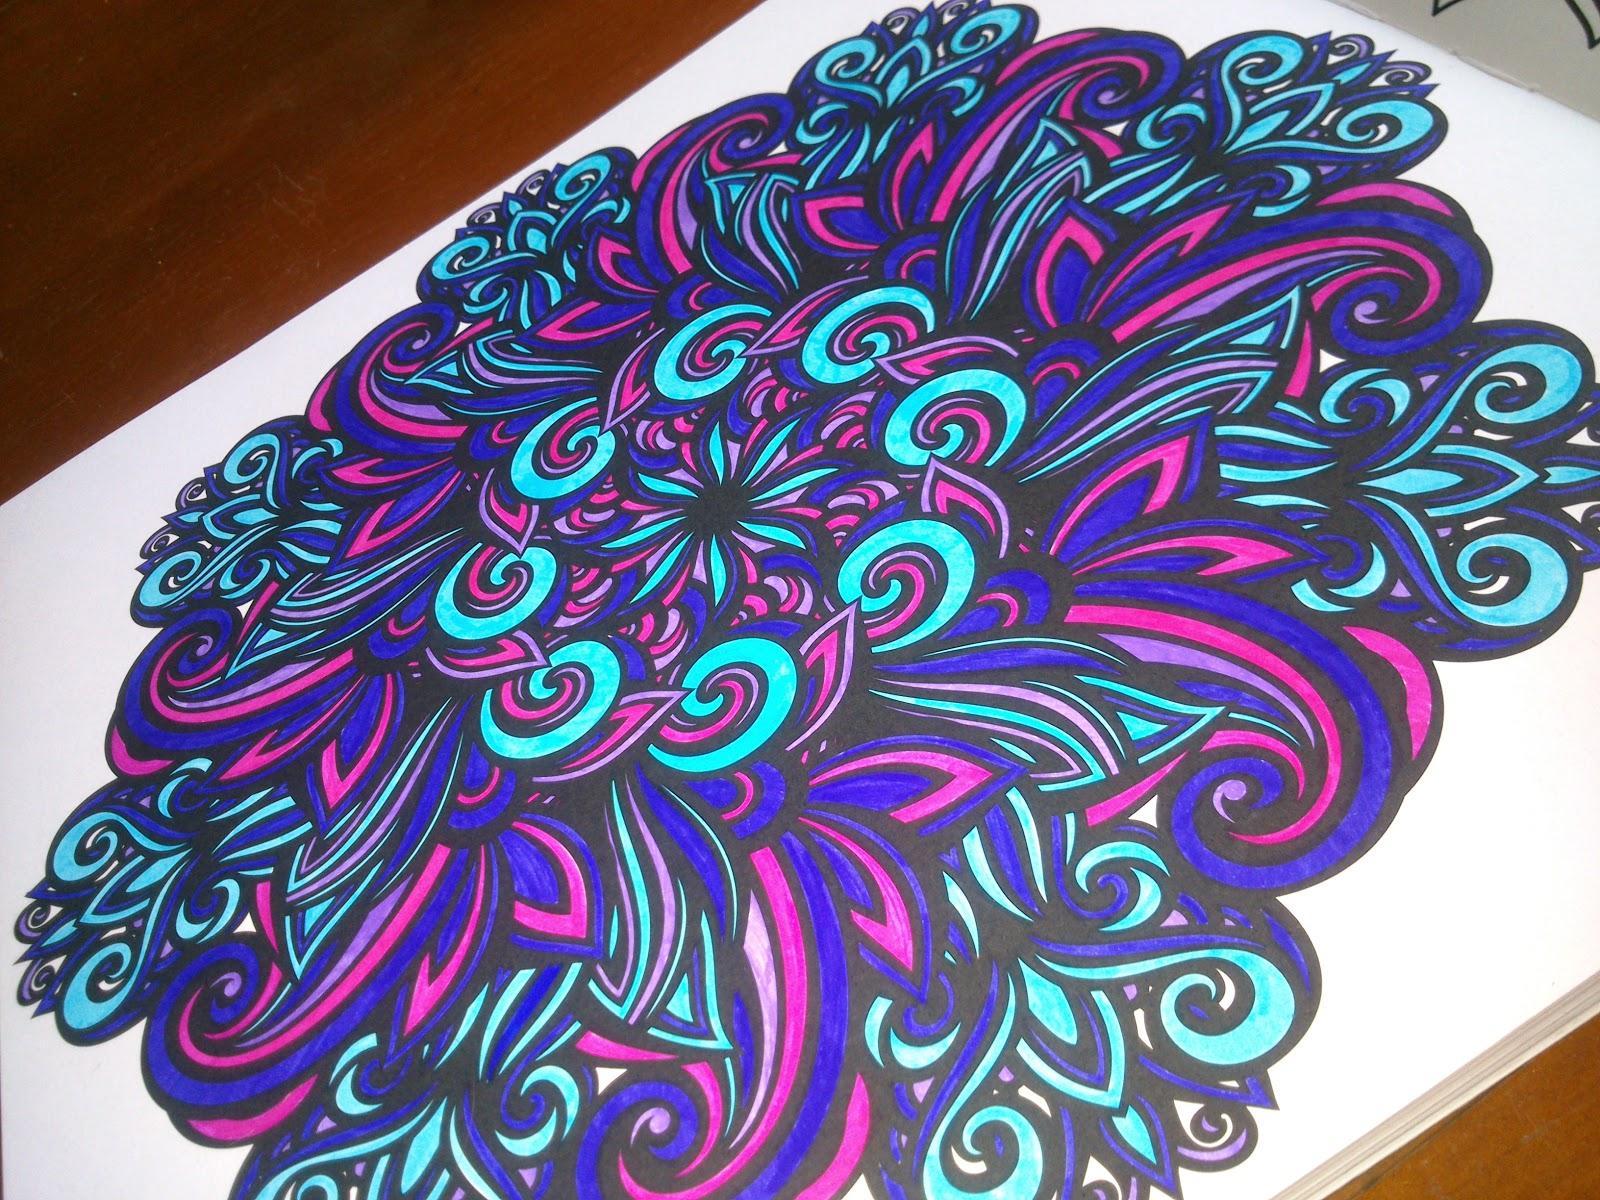 Kleurplaten Mooie Mandala.Mooi Mandala Kleurplaten Voor Volwassenen Kopen Klupaats Website